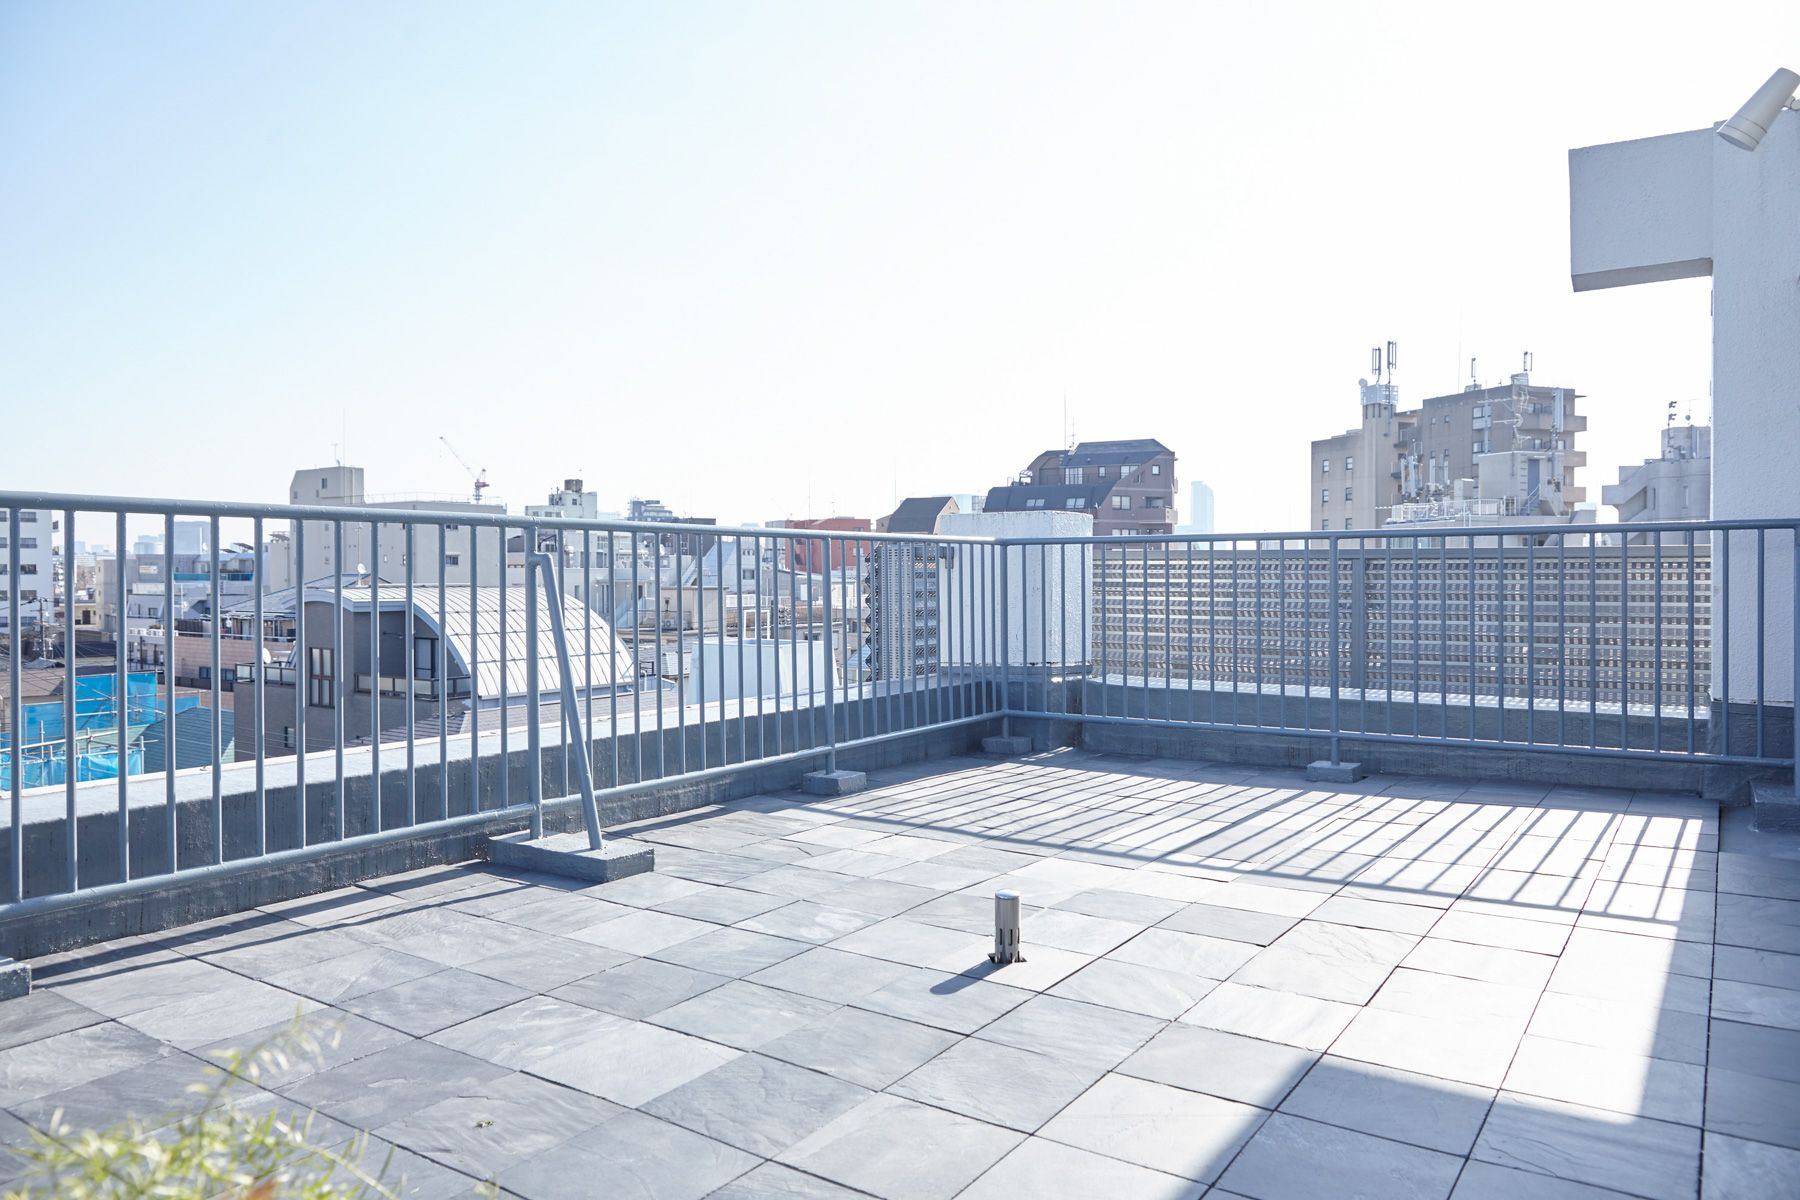 Uehara 503(ウエハラ503)